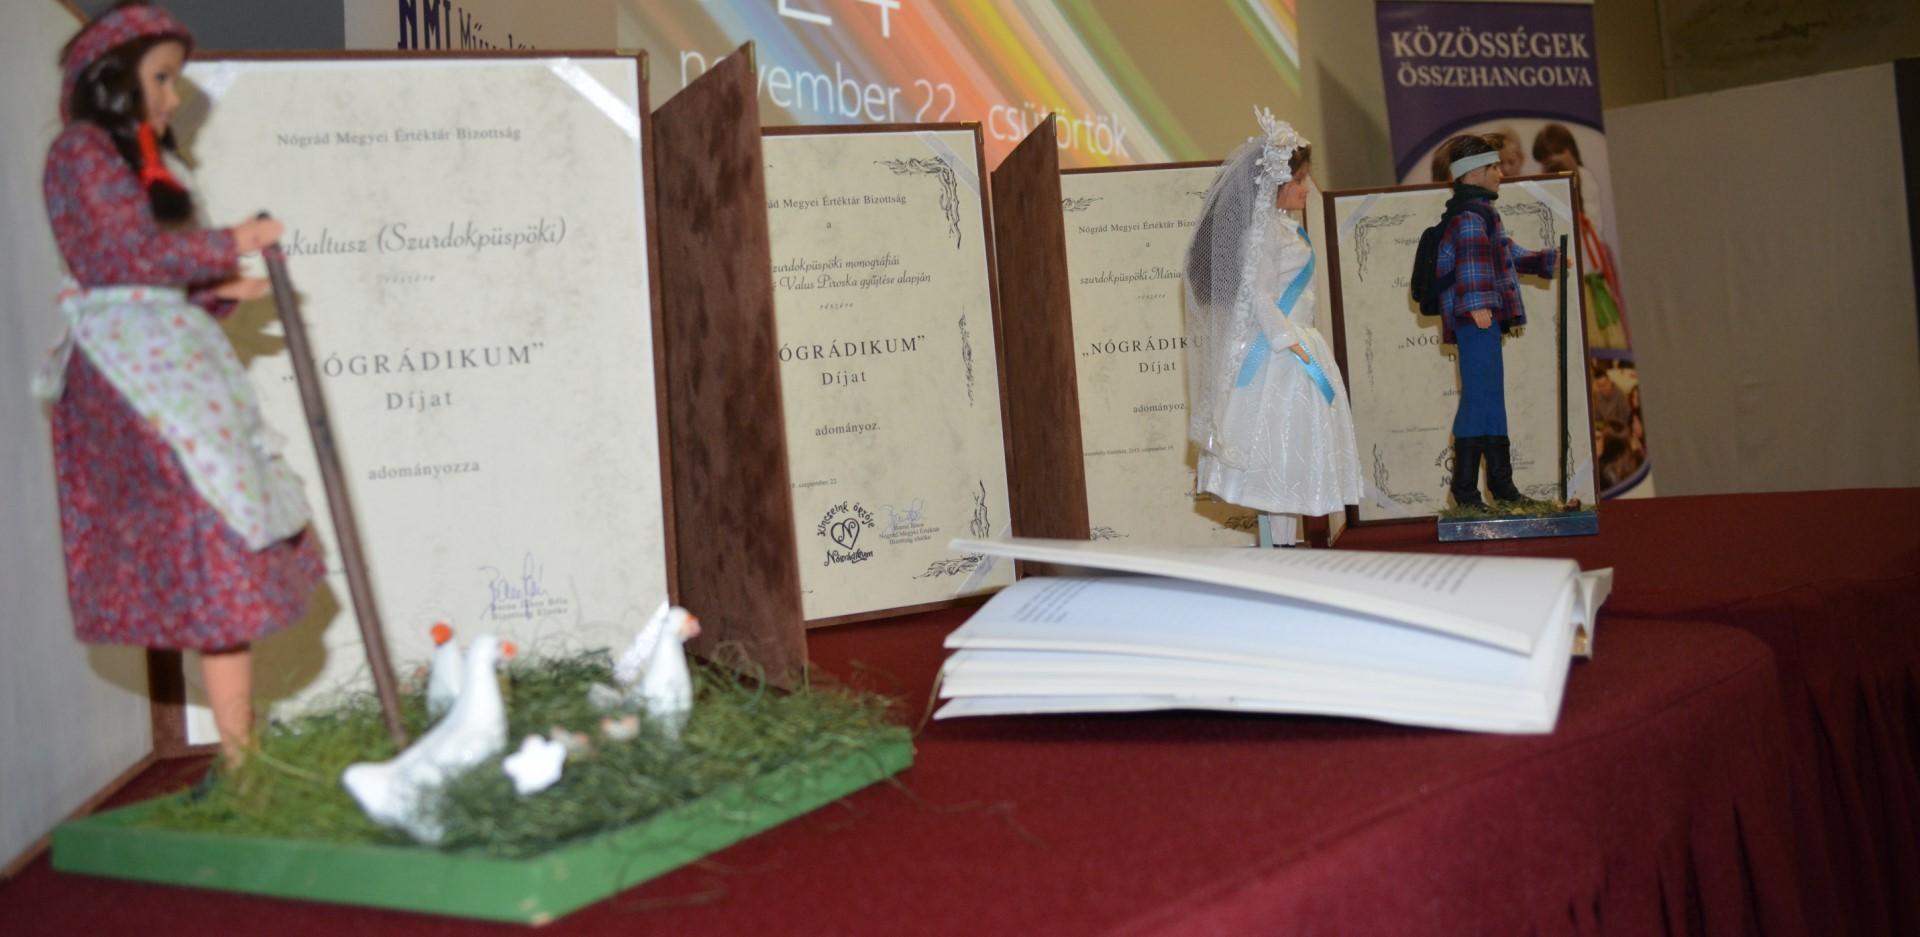 Közművelődési szakmai napot rendeztek Salgótarjánban